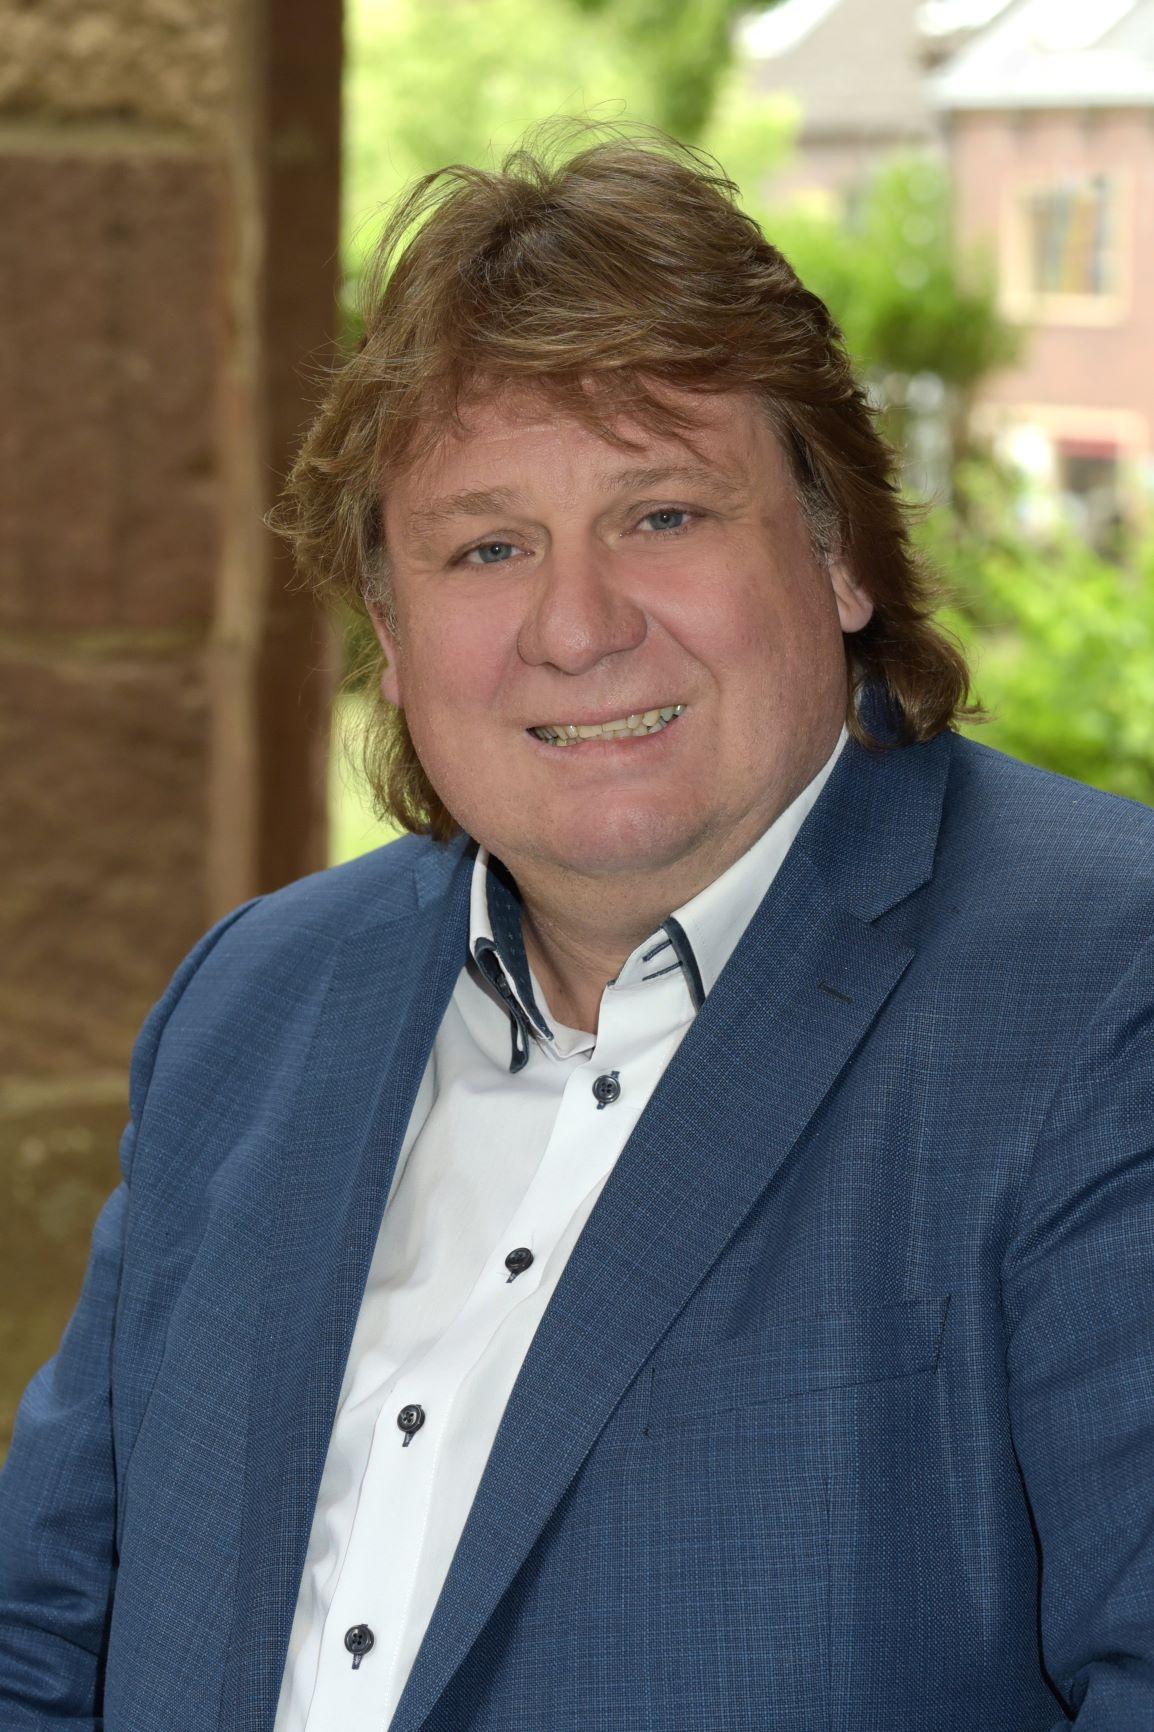 Abbildung von Dirk Becker